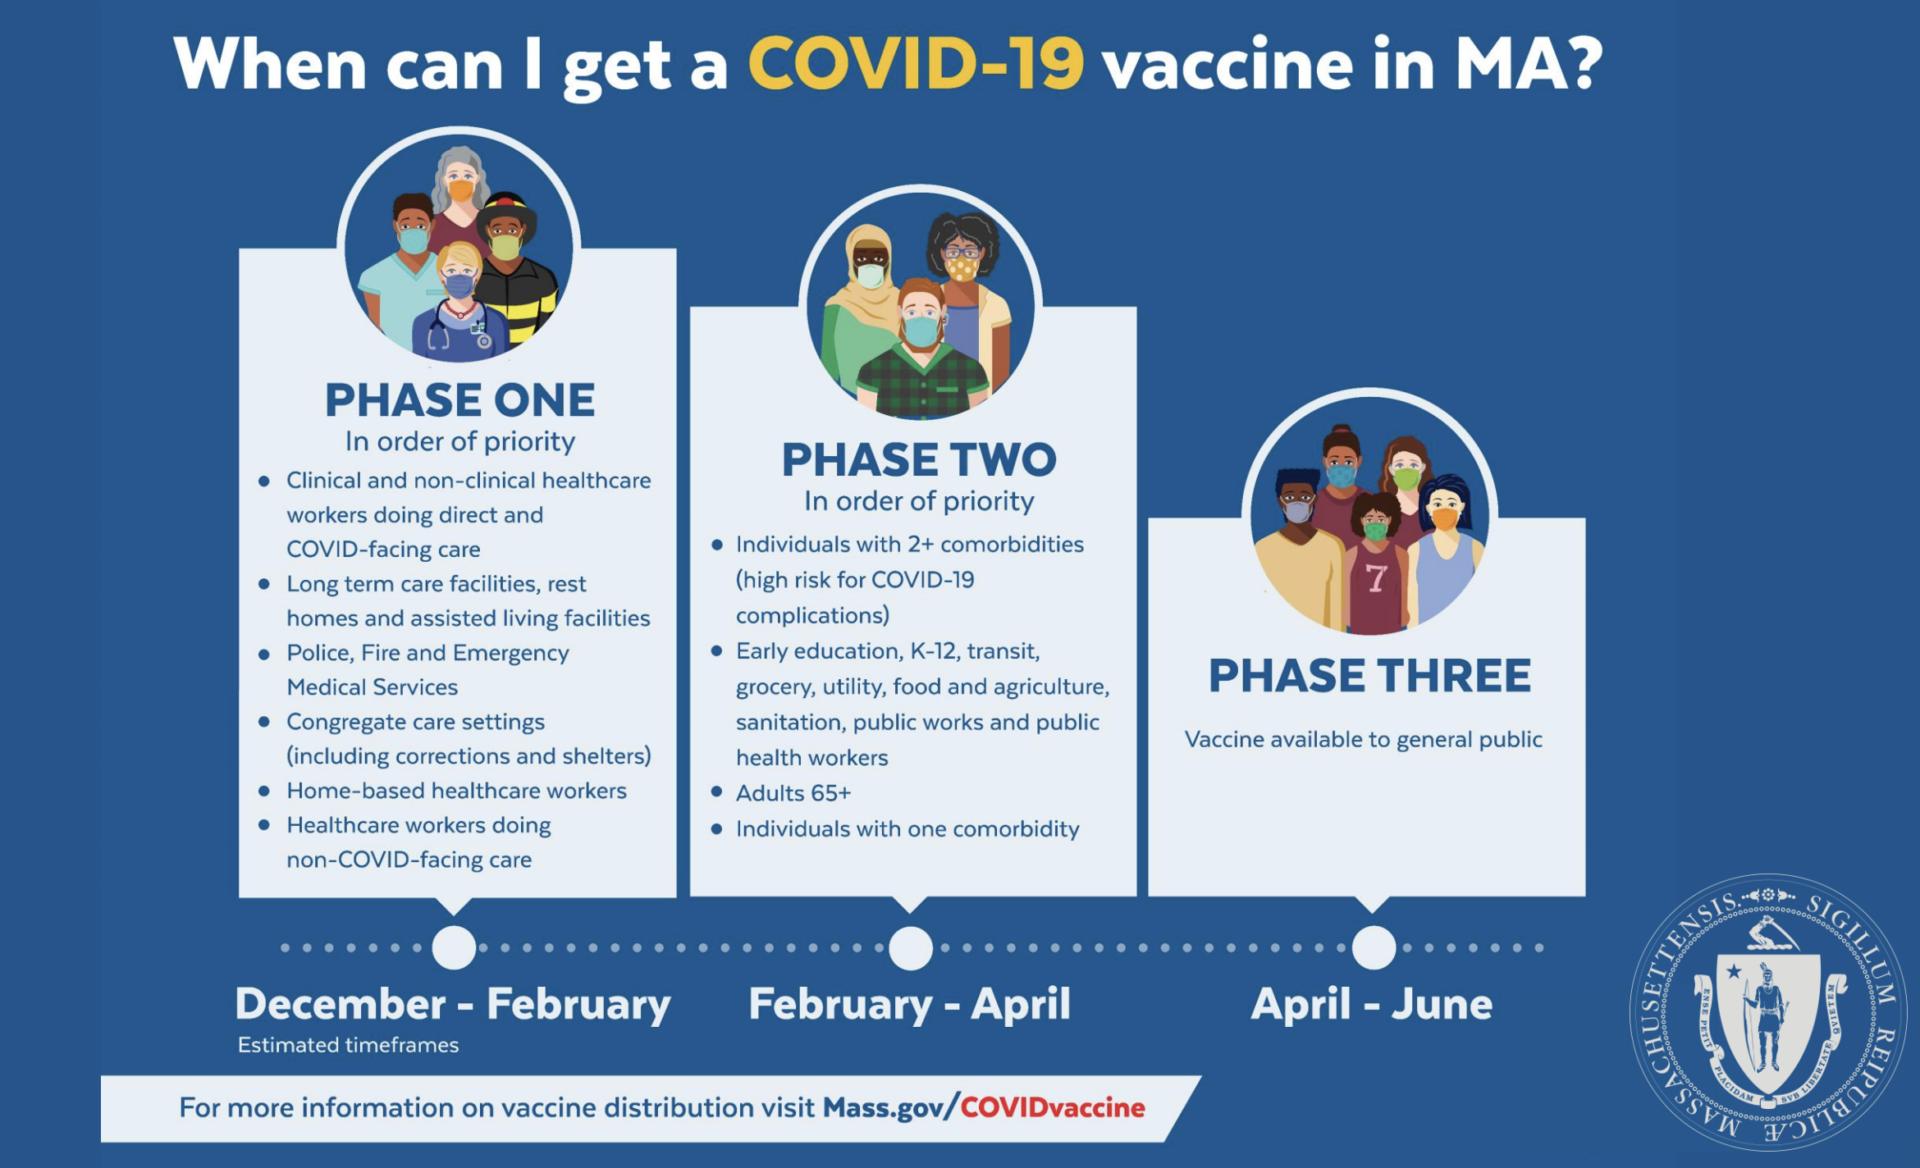 COVID vaccine rollout MA